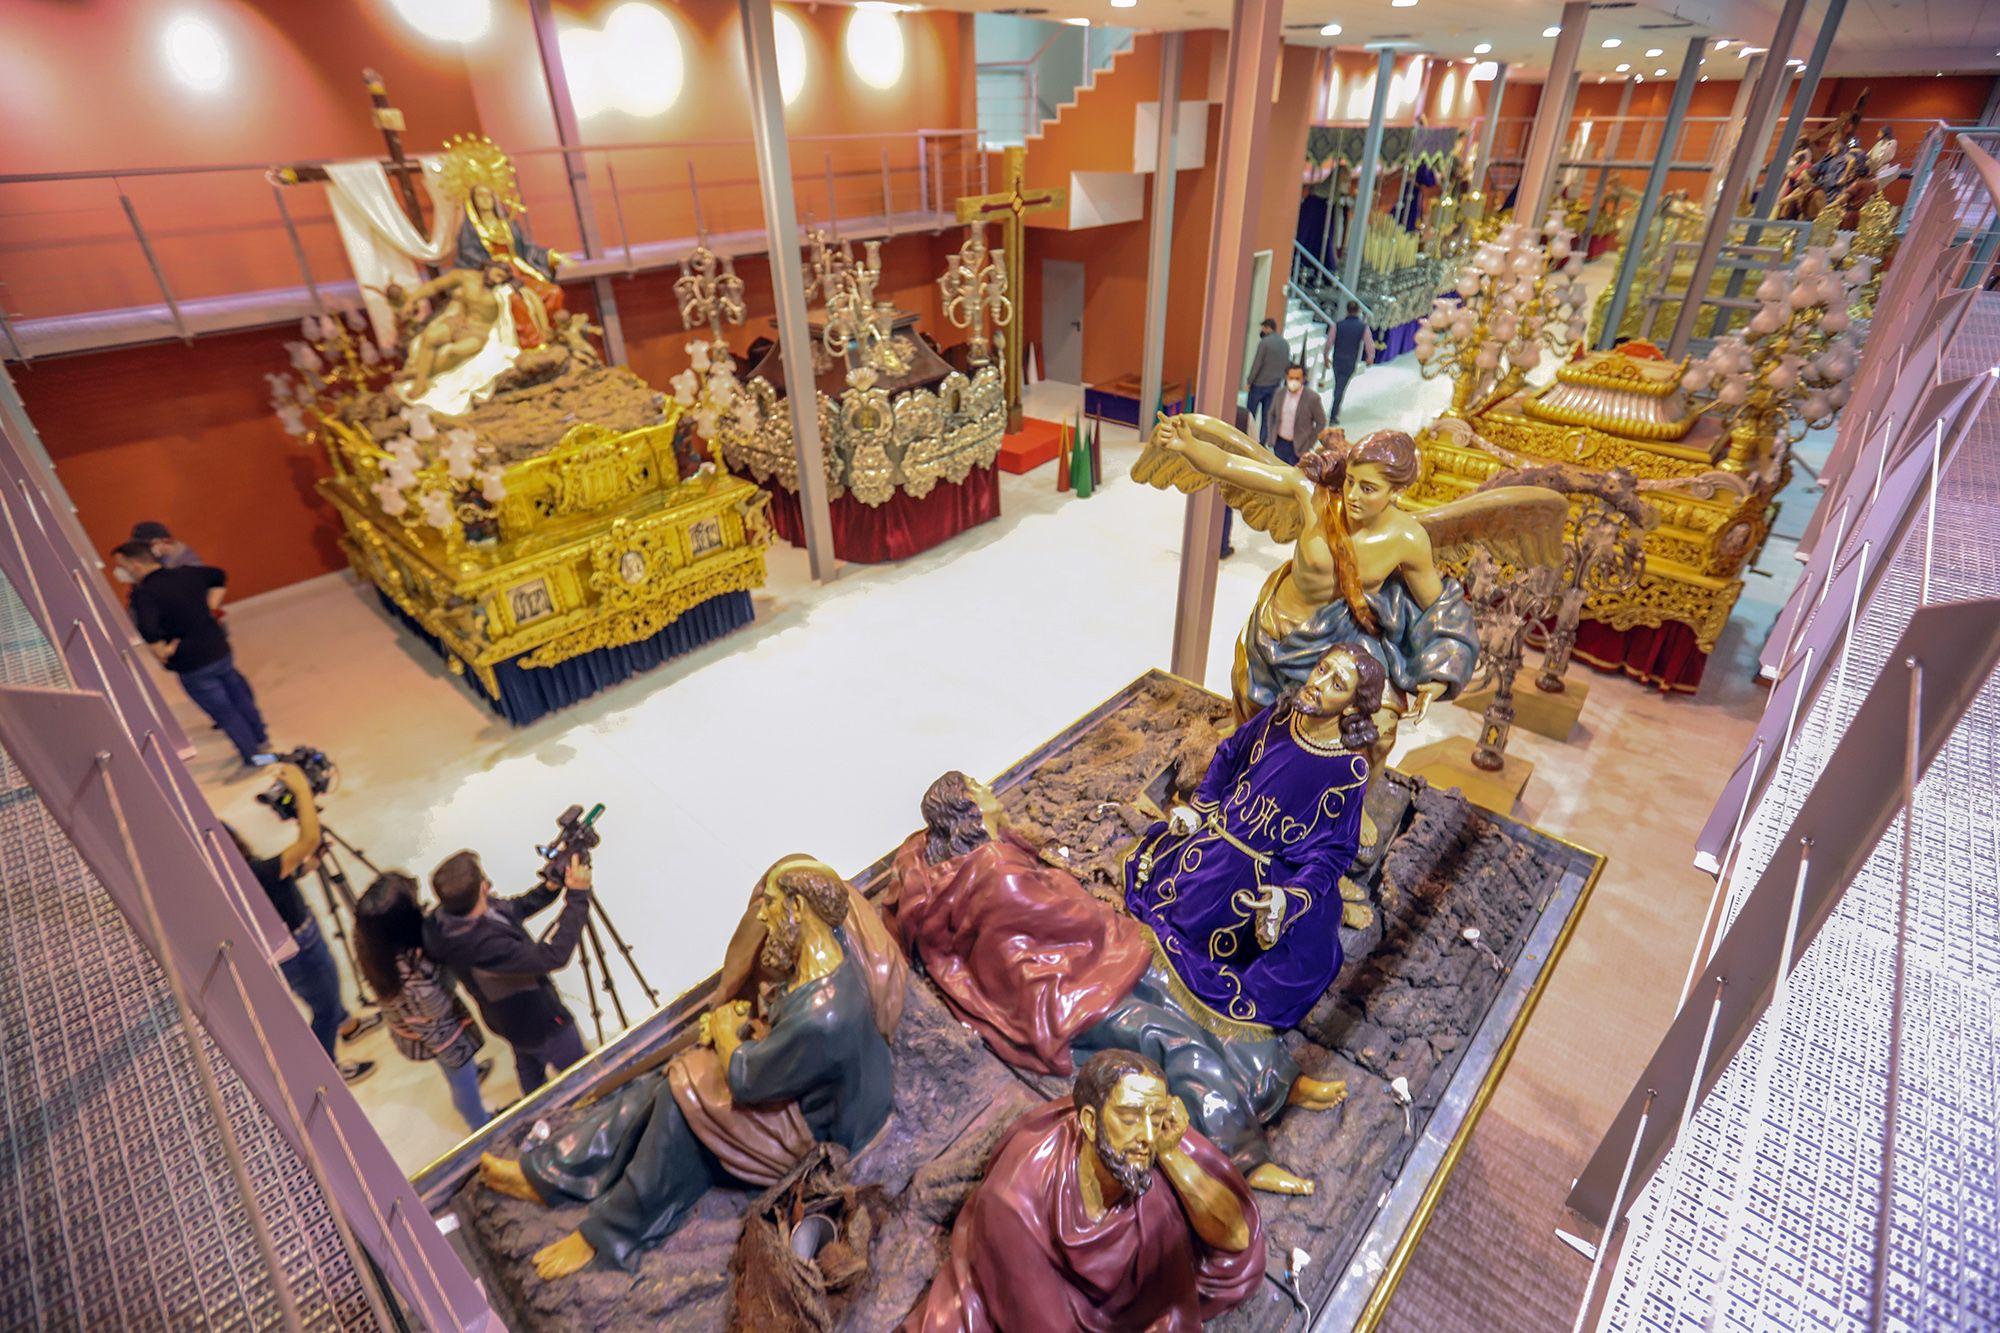 El Museo de la Semana Santa de Callosa reabre tras su rehabilitación